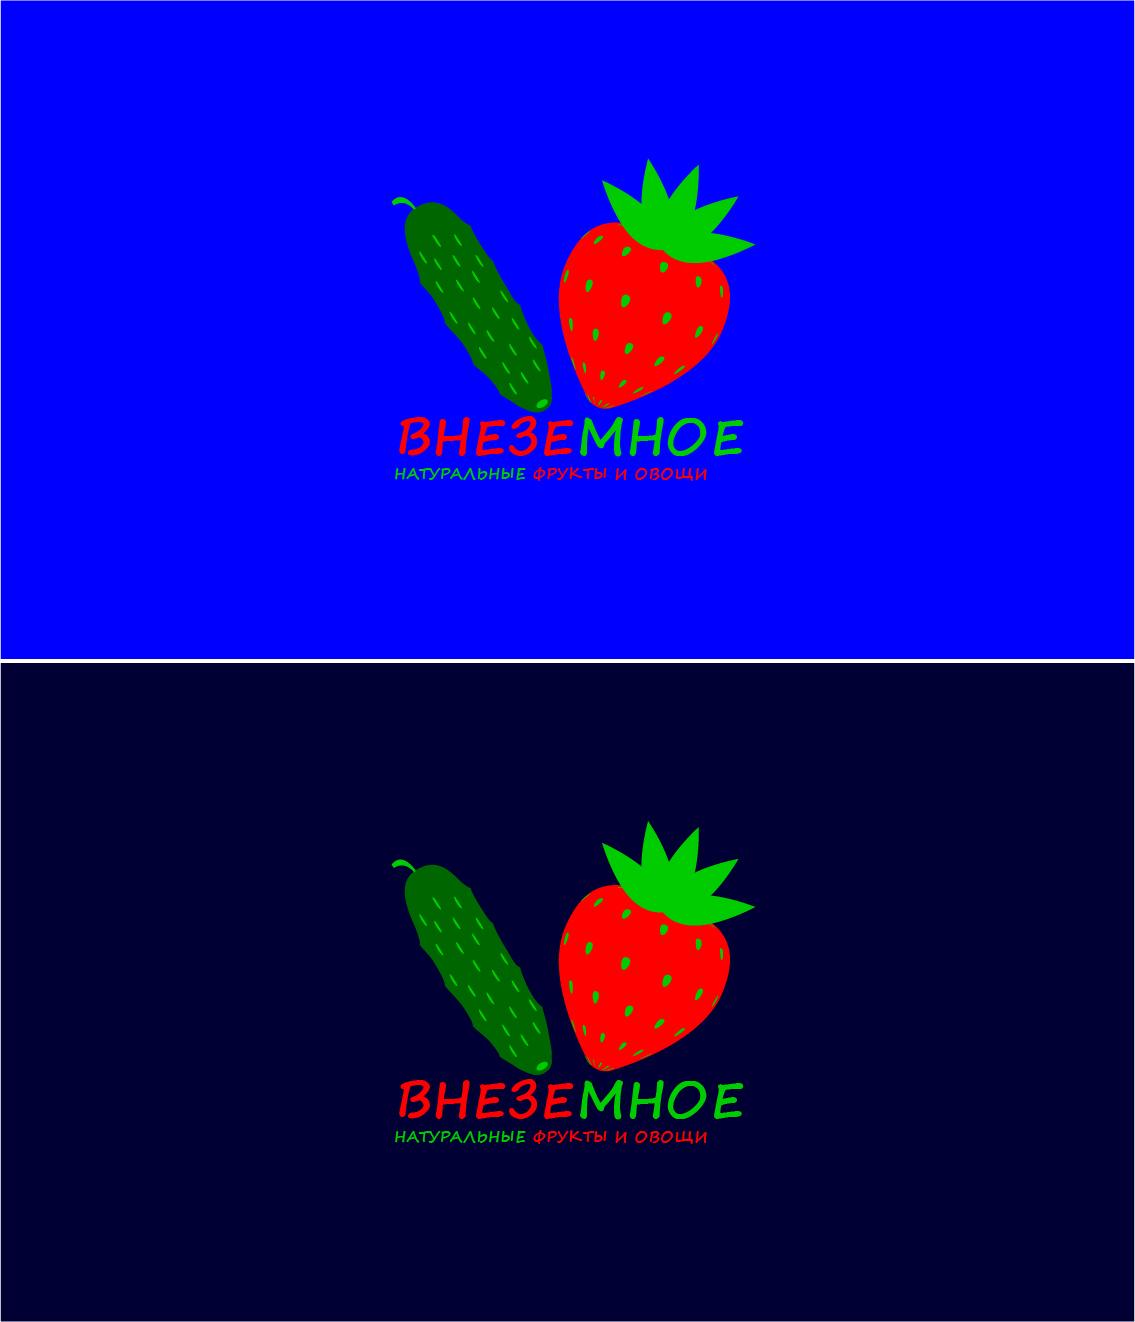 """Логотип и фирменный стиль """"Внеземное"""" фото f_6955e7cb8cd06855.jpg"""